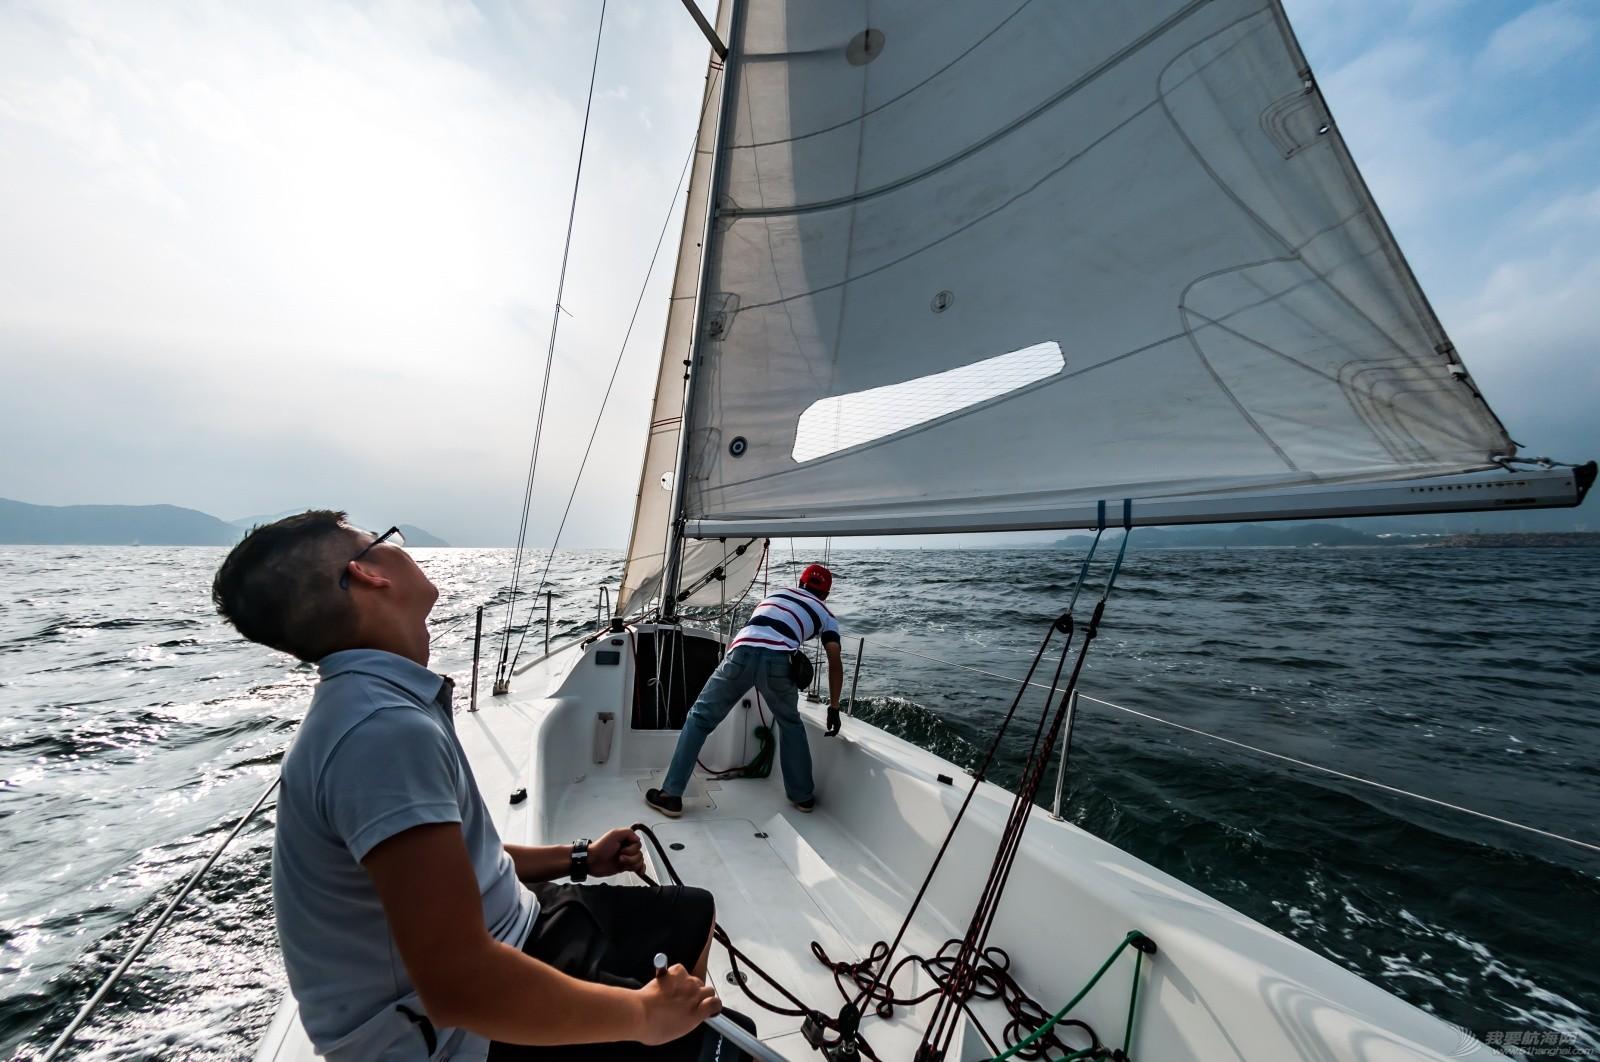 帆船 【2015大鹏杯帆船赛】鱼眼看航海 16001.jpg